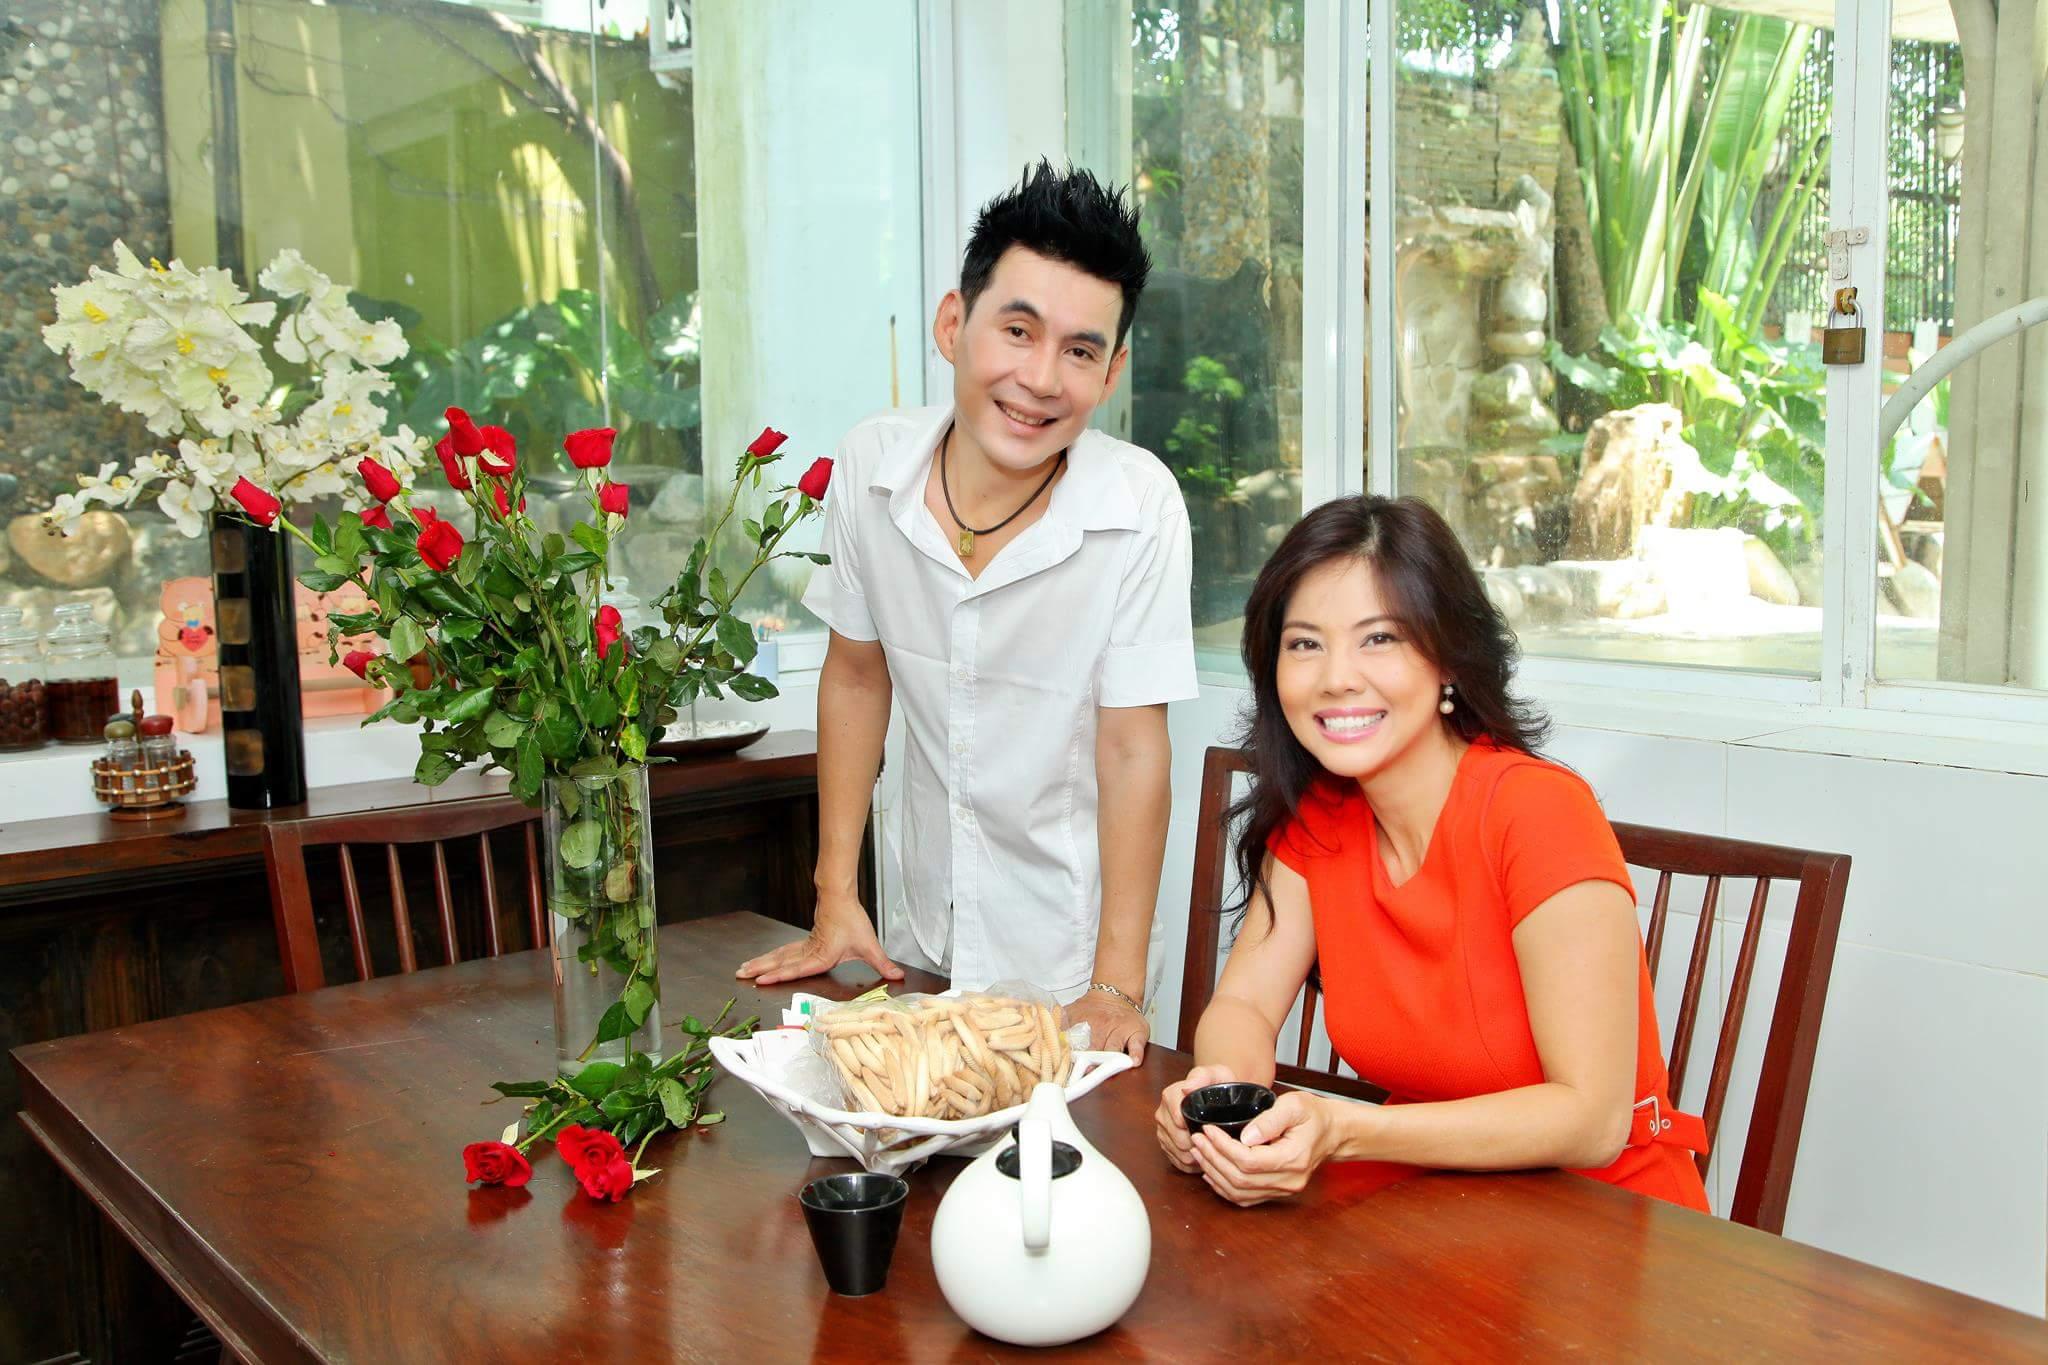 Ảnh đời thường của sao Việt qua Facebook ngày 26-7